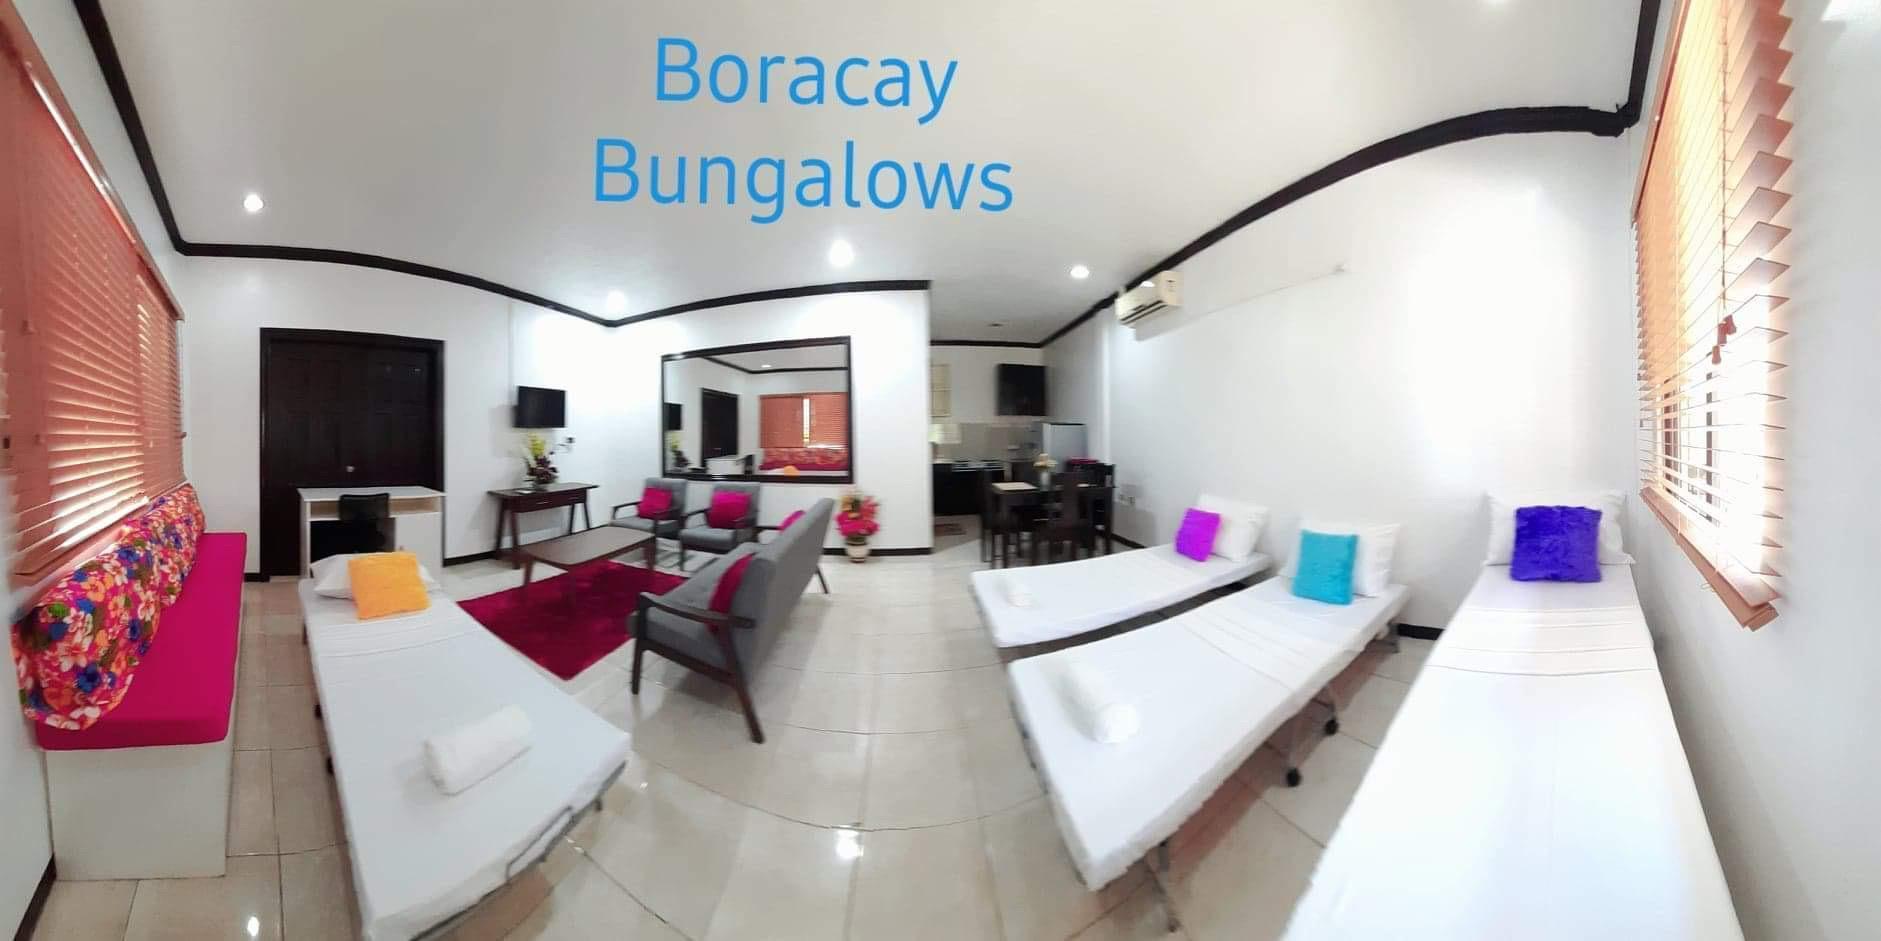 Boracay Bungalows  3